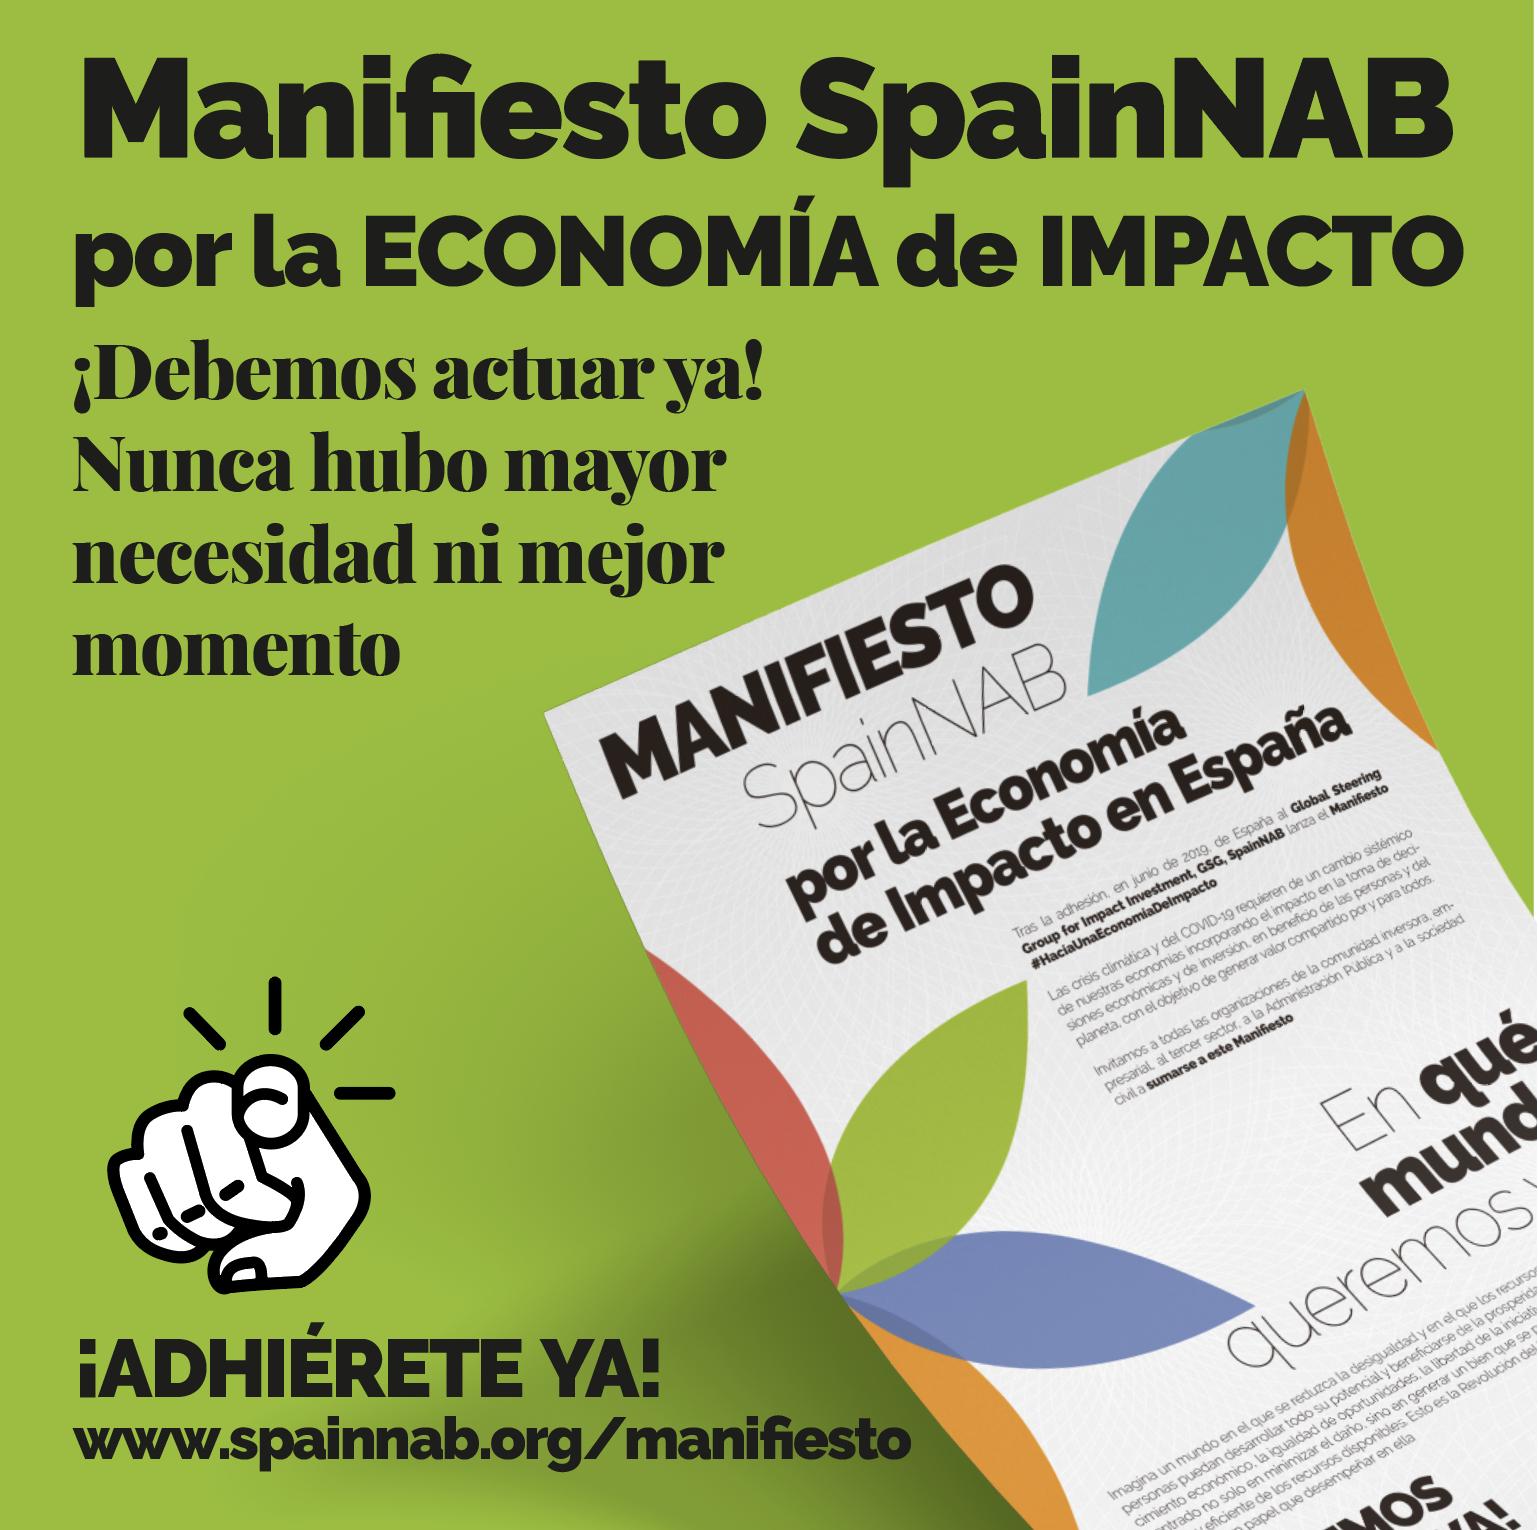 Nos adherimos al MANIFIESTO SpainNAB